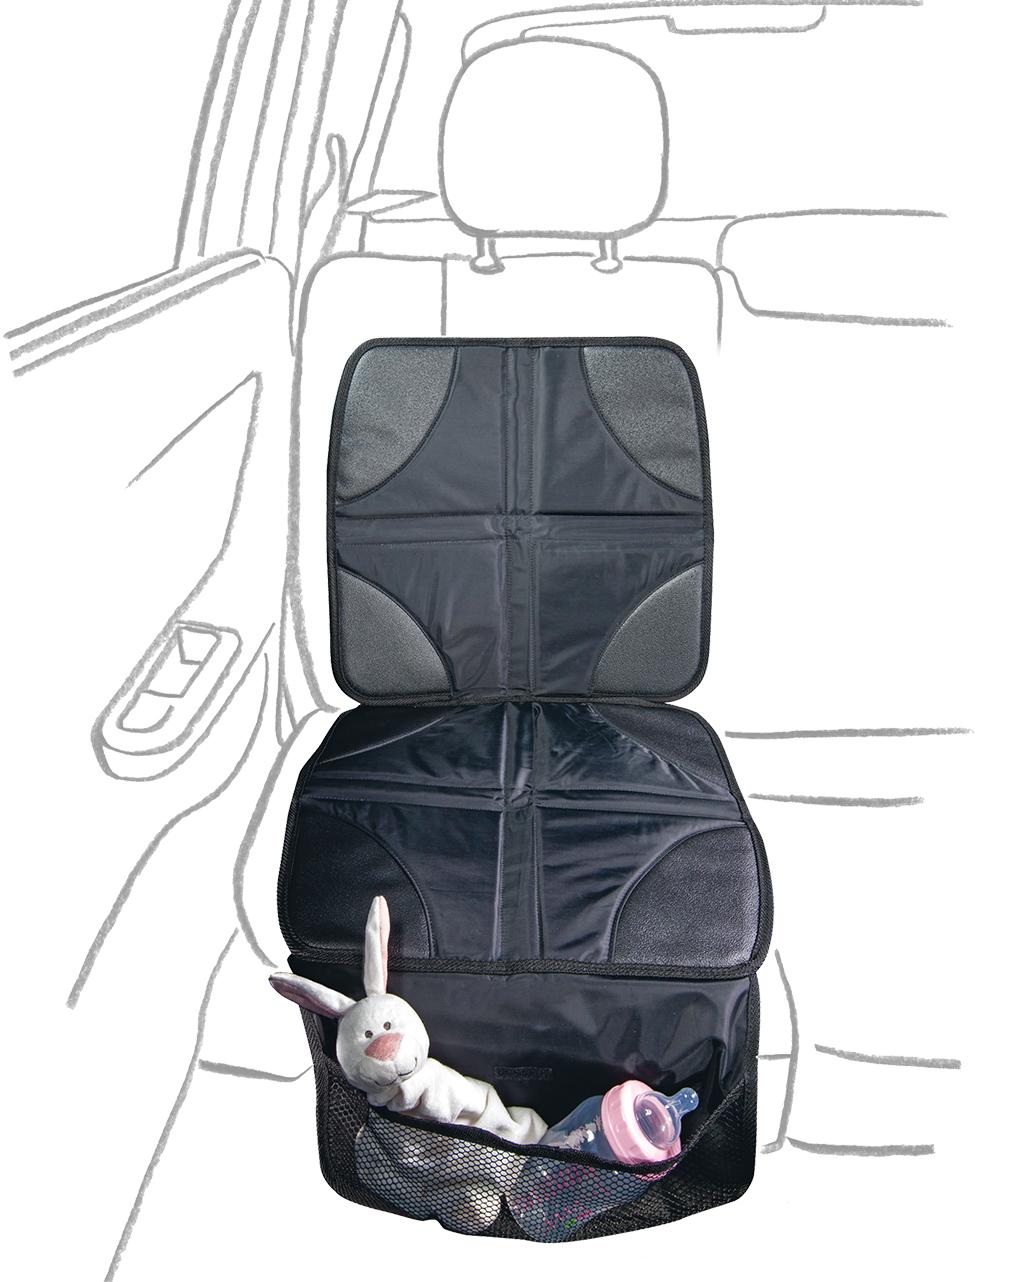 Giordani Προστατευτικό Καθίσματος Αυτοκινήτου Deluxe